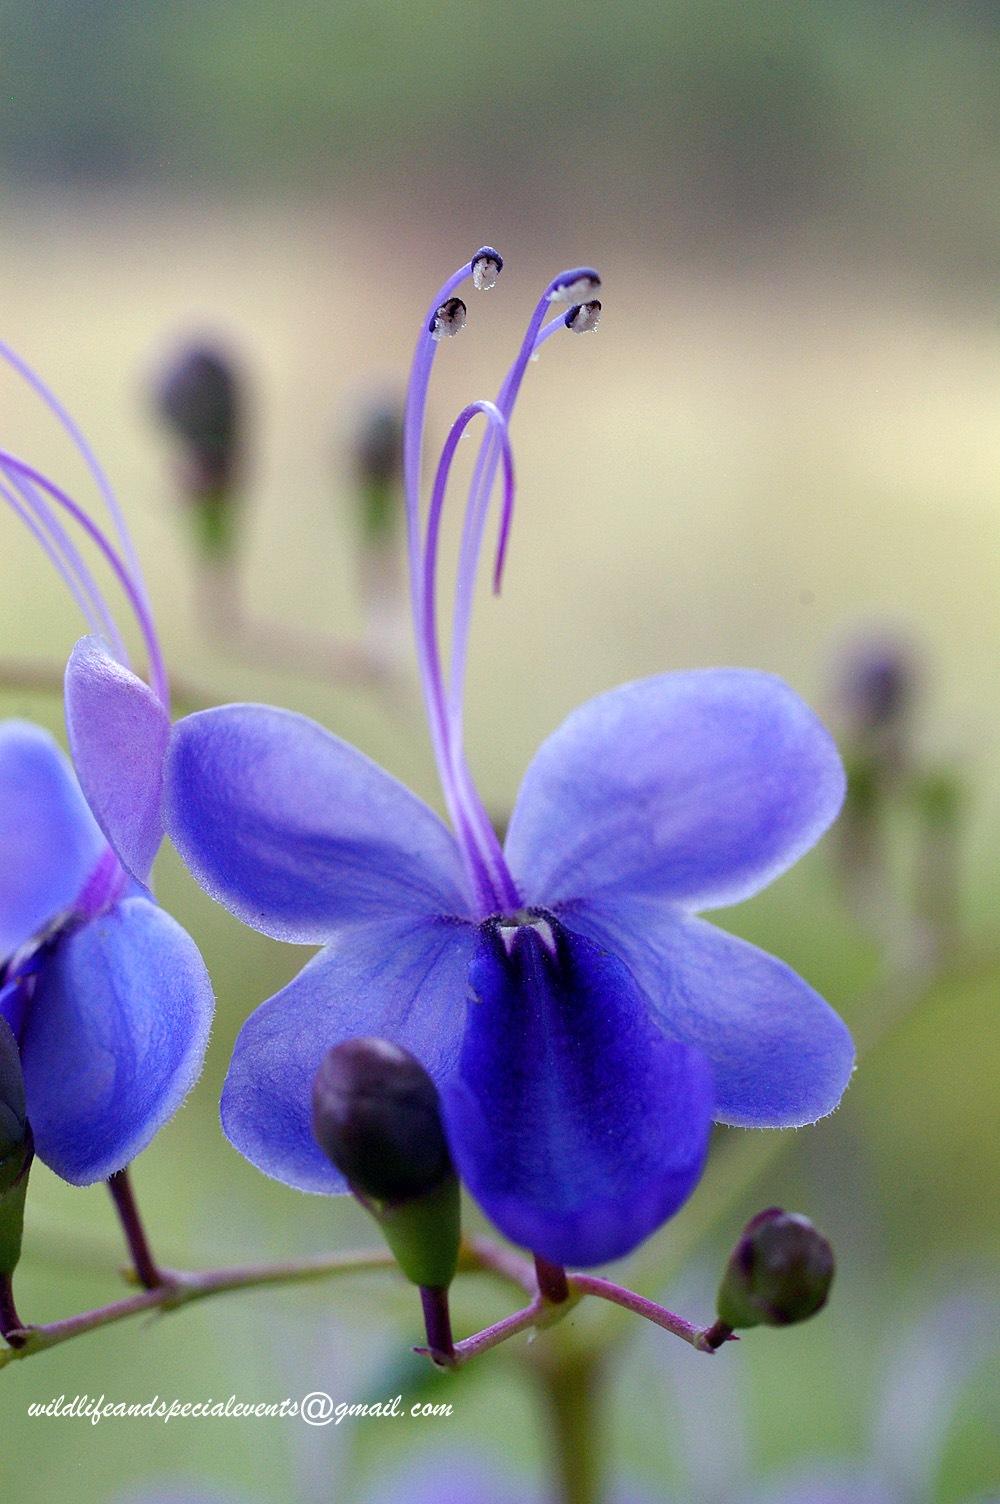 Blue Flower by oosie